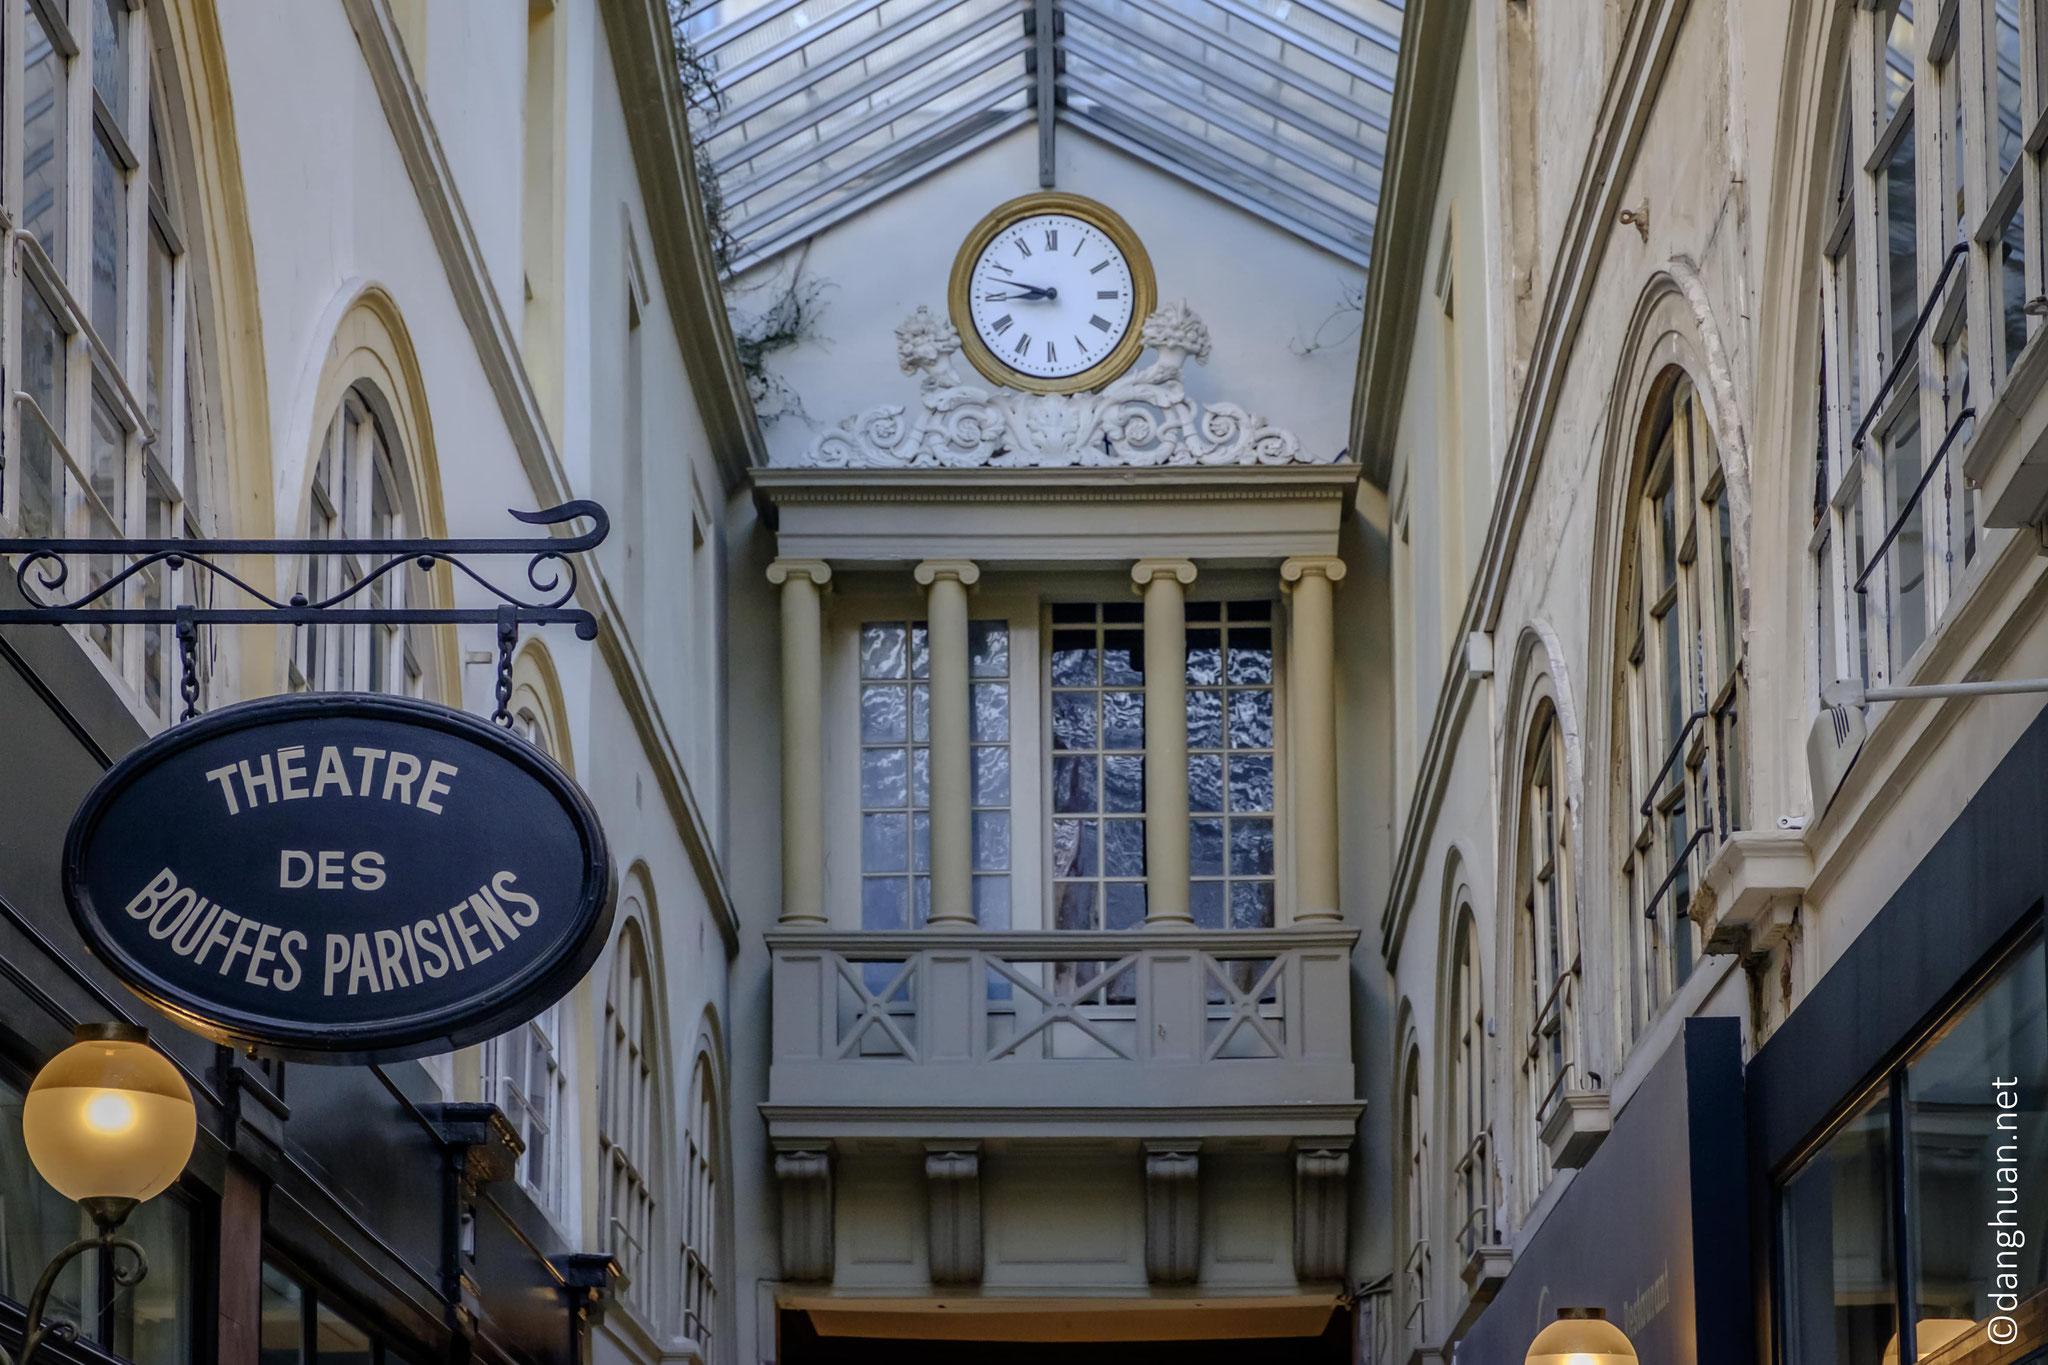 le Passage de Choiseul profite du dynamisme du quartier de la Bourse près duquel il est situé.